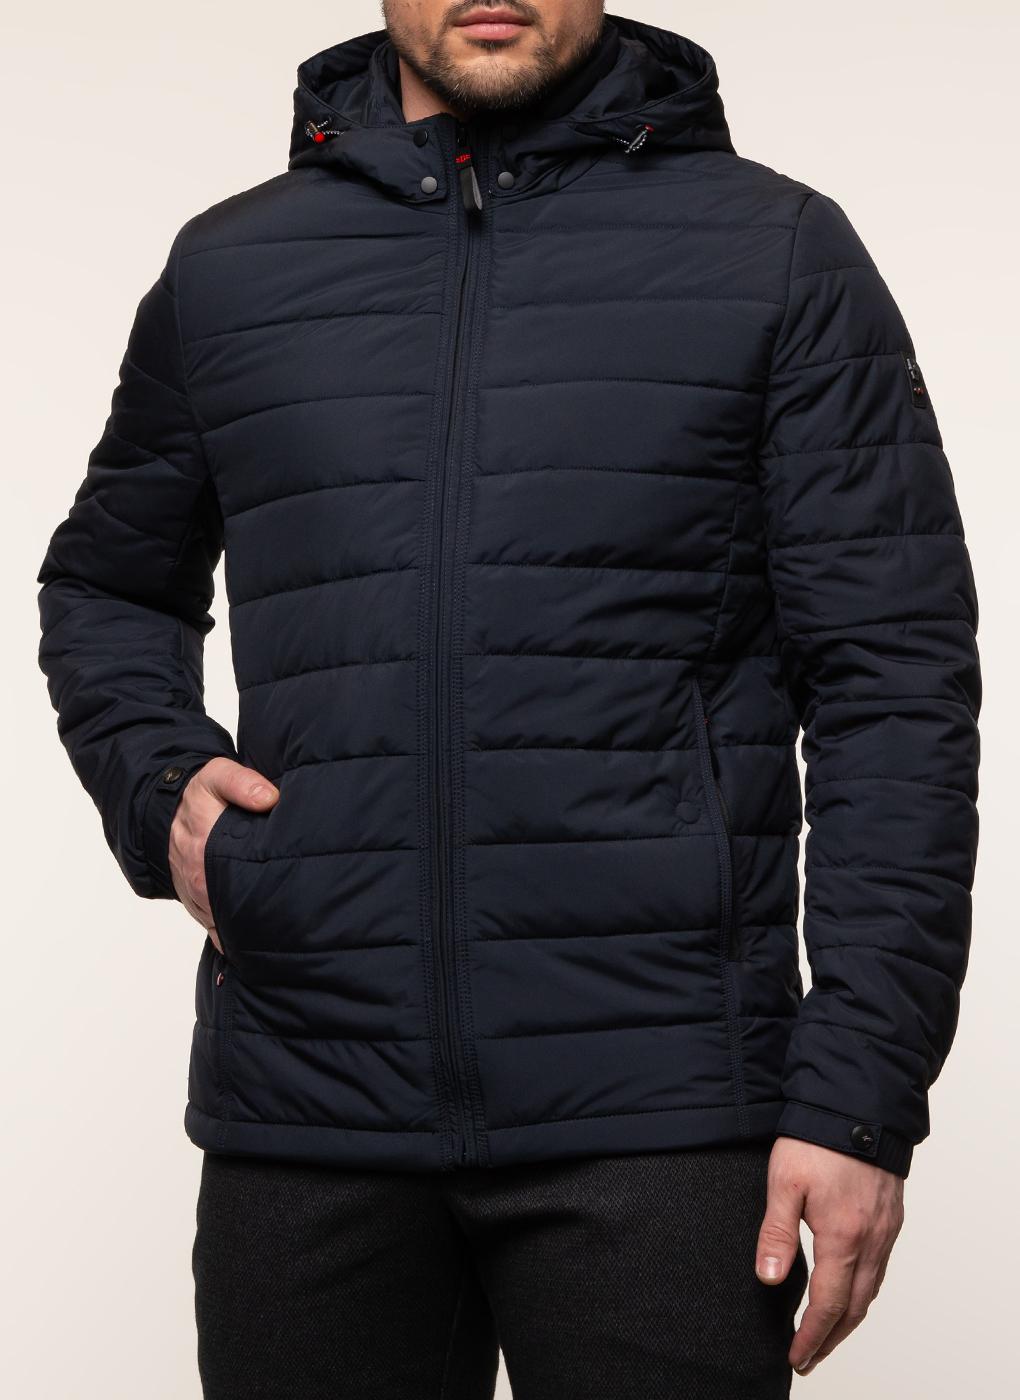 Куртка мужская утепленная 07, Grizman фото